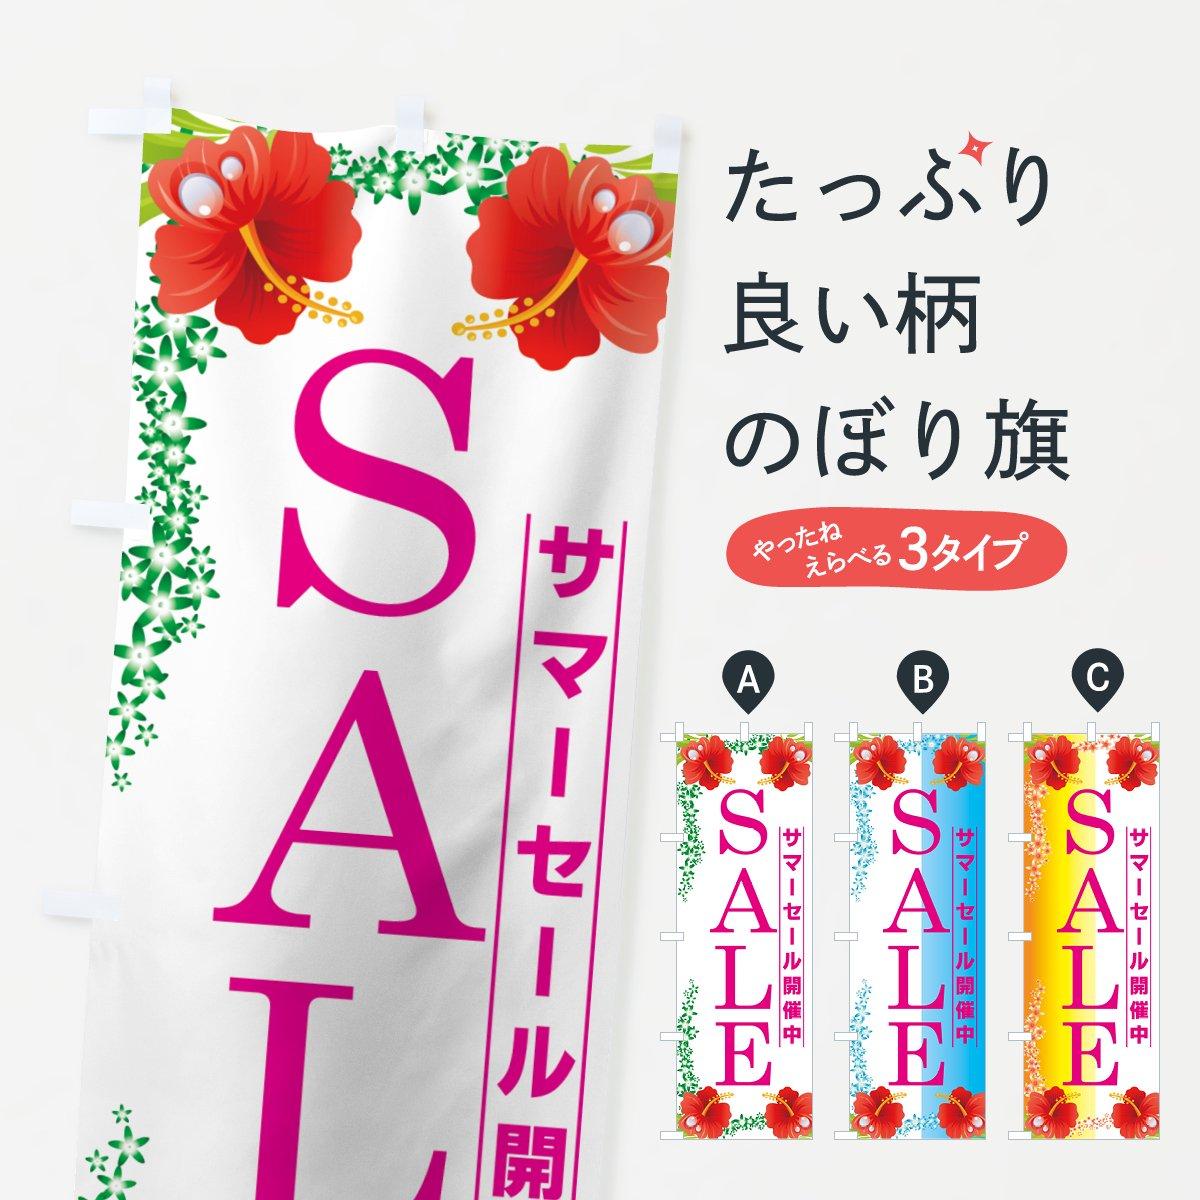 サマーセール開催中のぼり旗 SALE